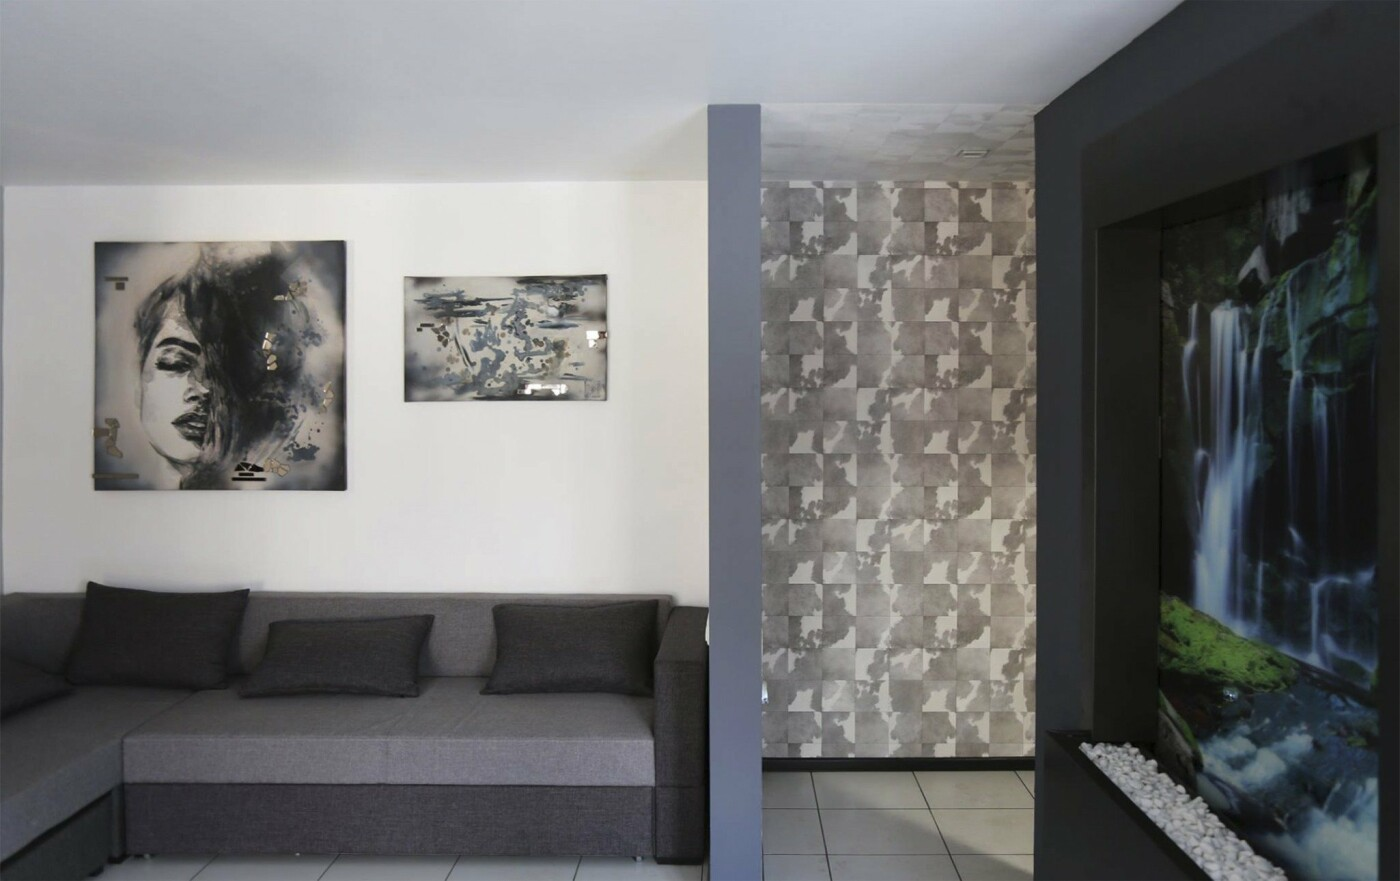 Замовити настінний живопис в Білій Церкві, Дизайн-студія Романа Москаленка